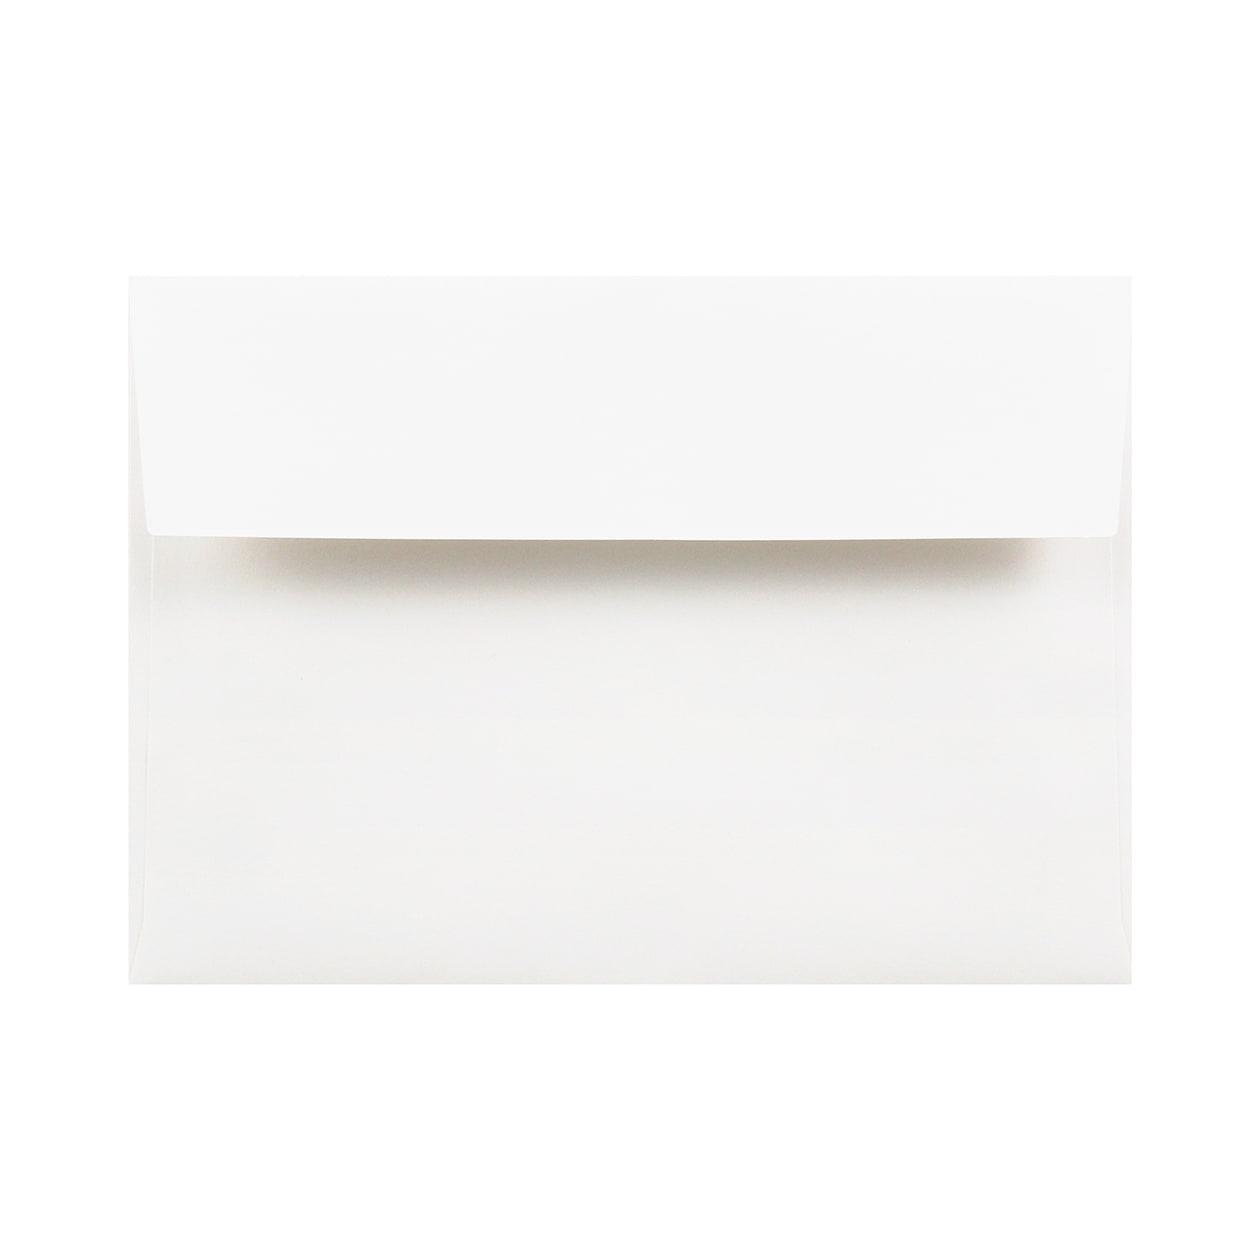 角6カマス封筒 HAGURUMA Basic プレインホワイト 100g